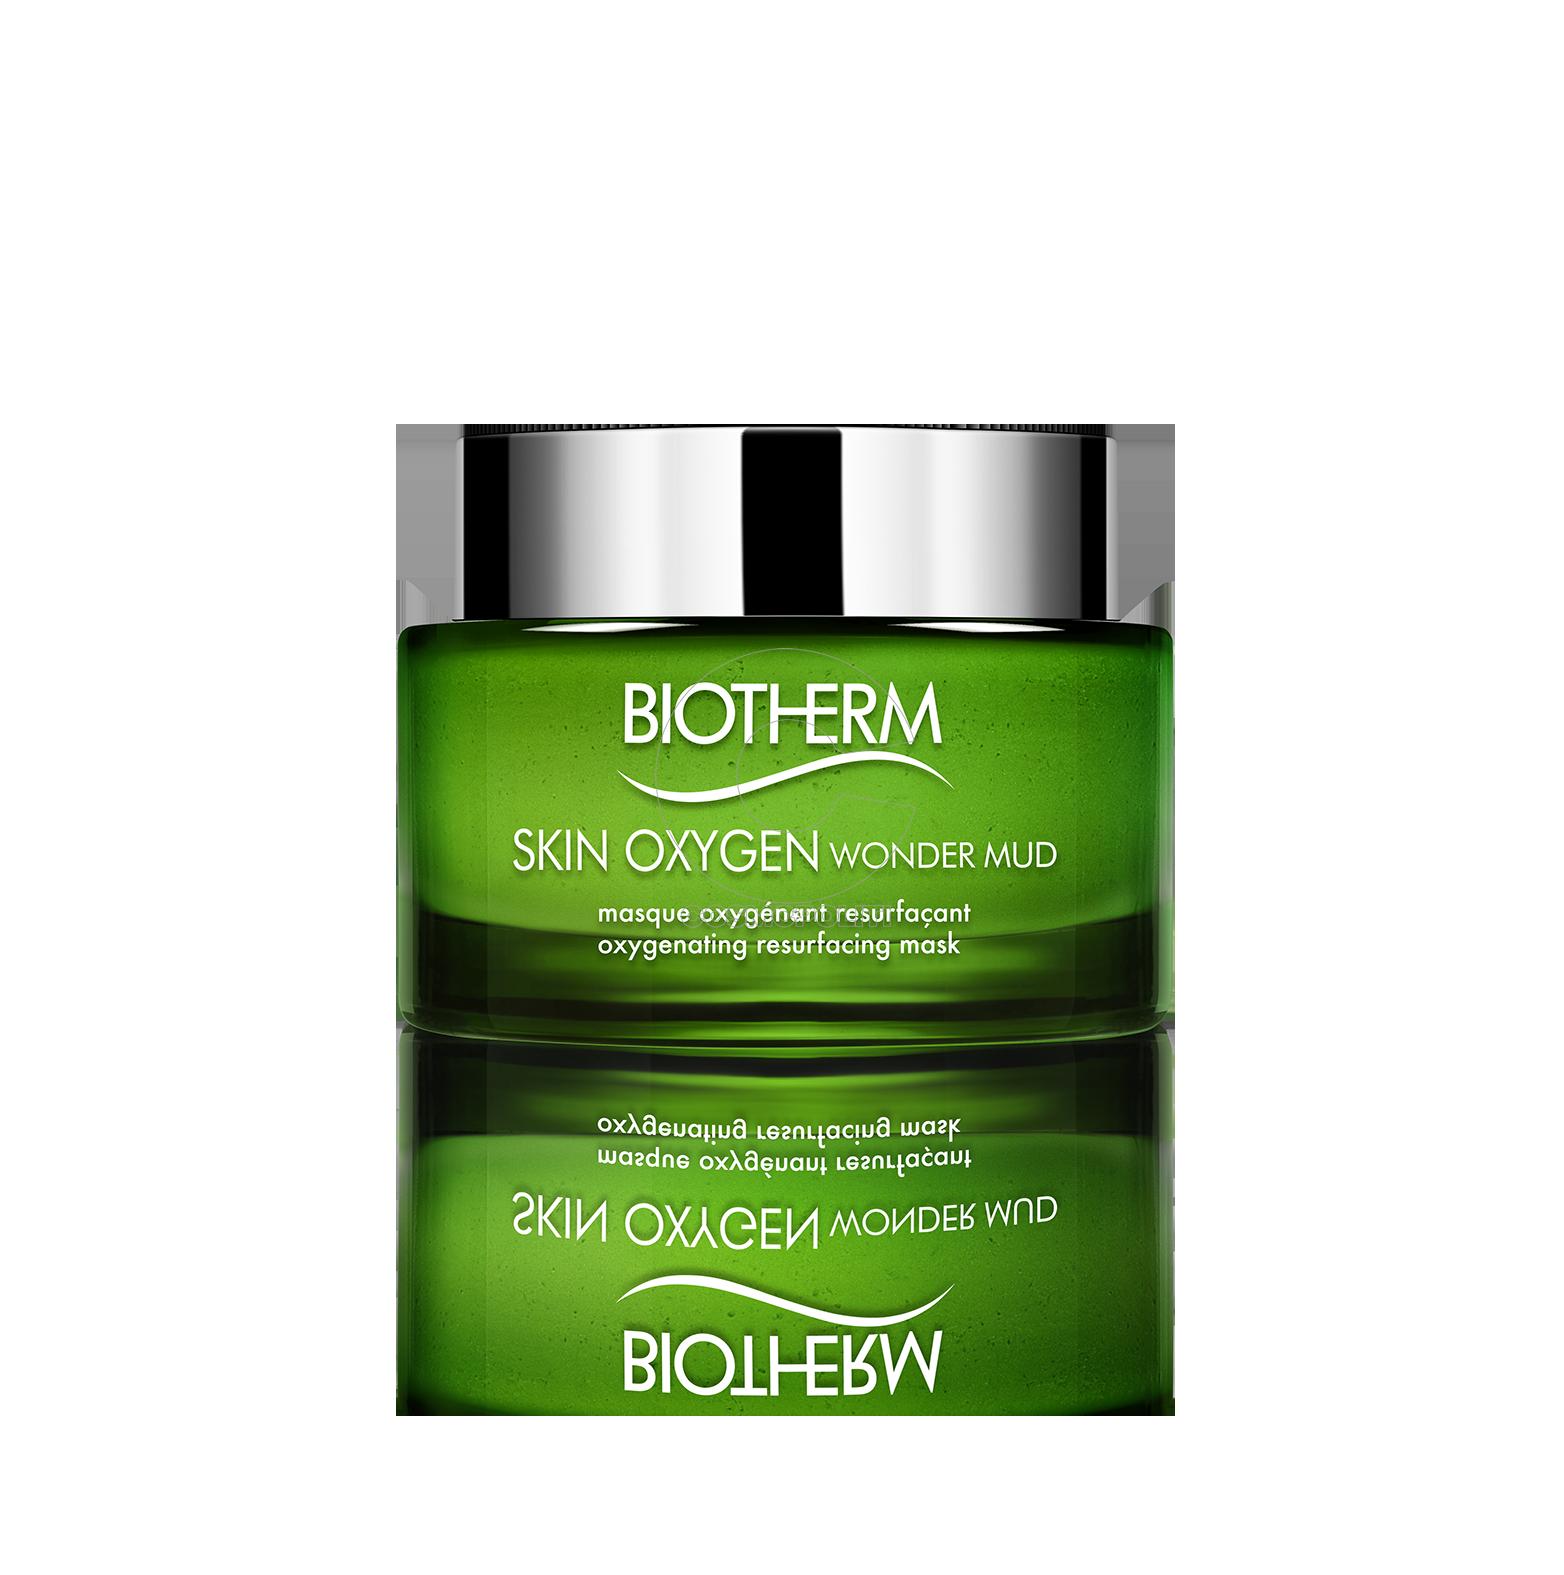 Biotherm - Skin Oxygen wonder mud pot